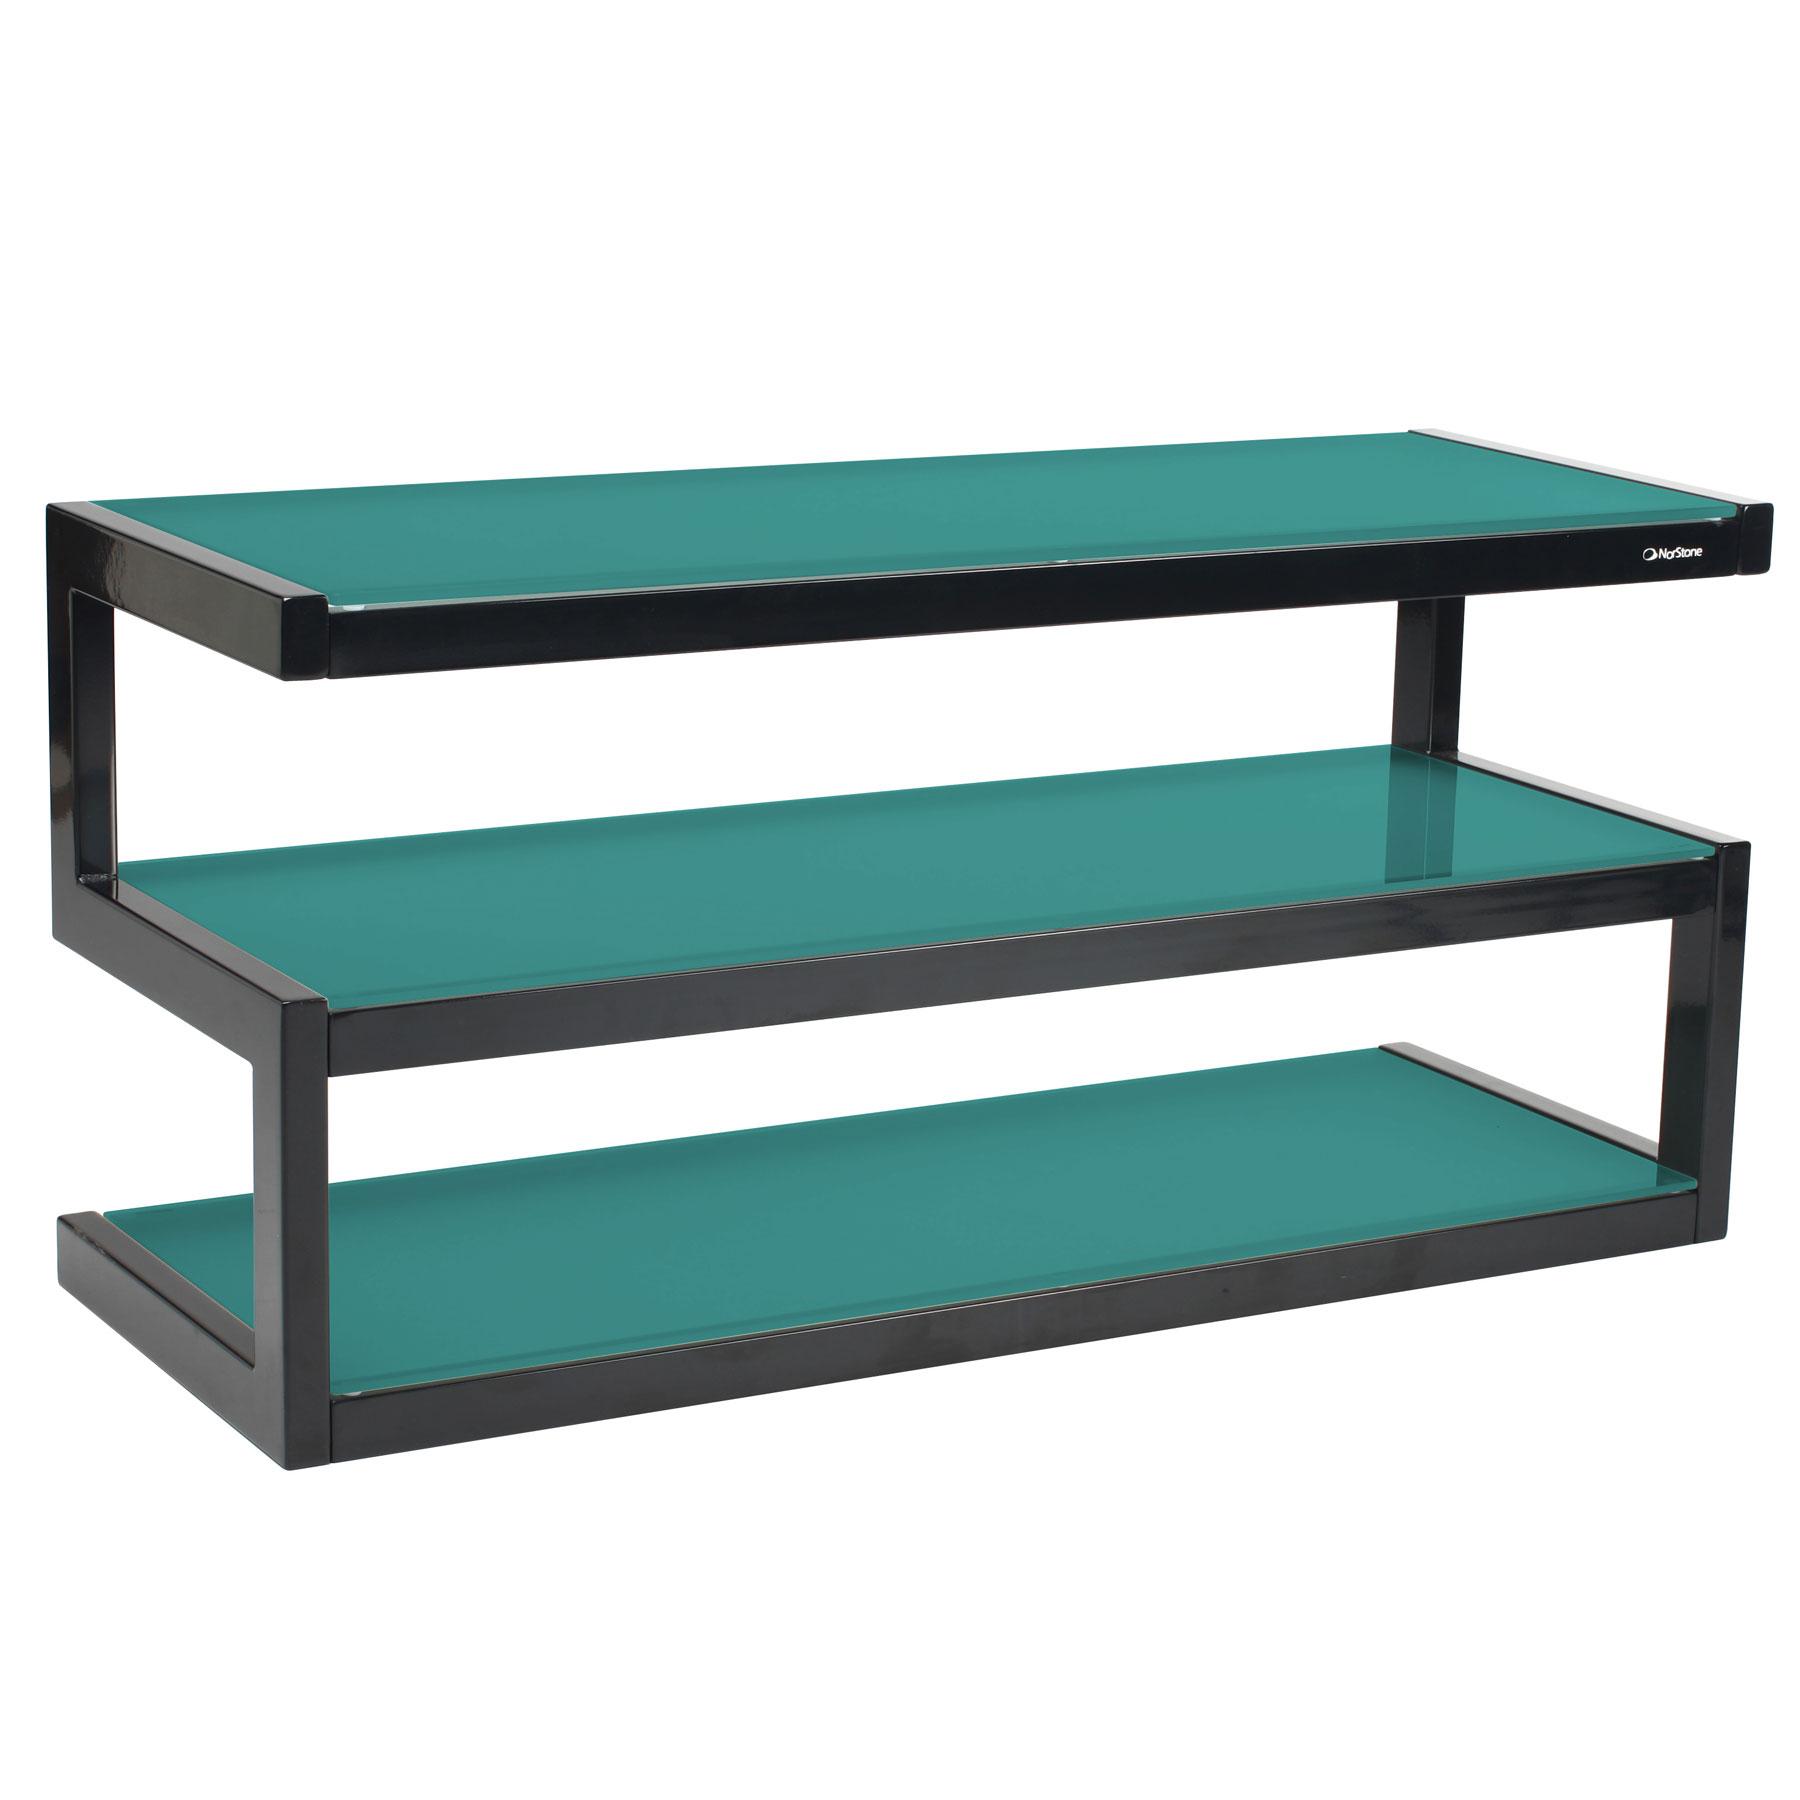 norstone esse acier noir verre bleu lagon meuble tv norstone sur. Black Bedroom Furniture Sets. Home Design Ideas